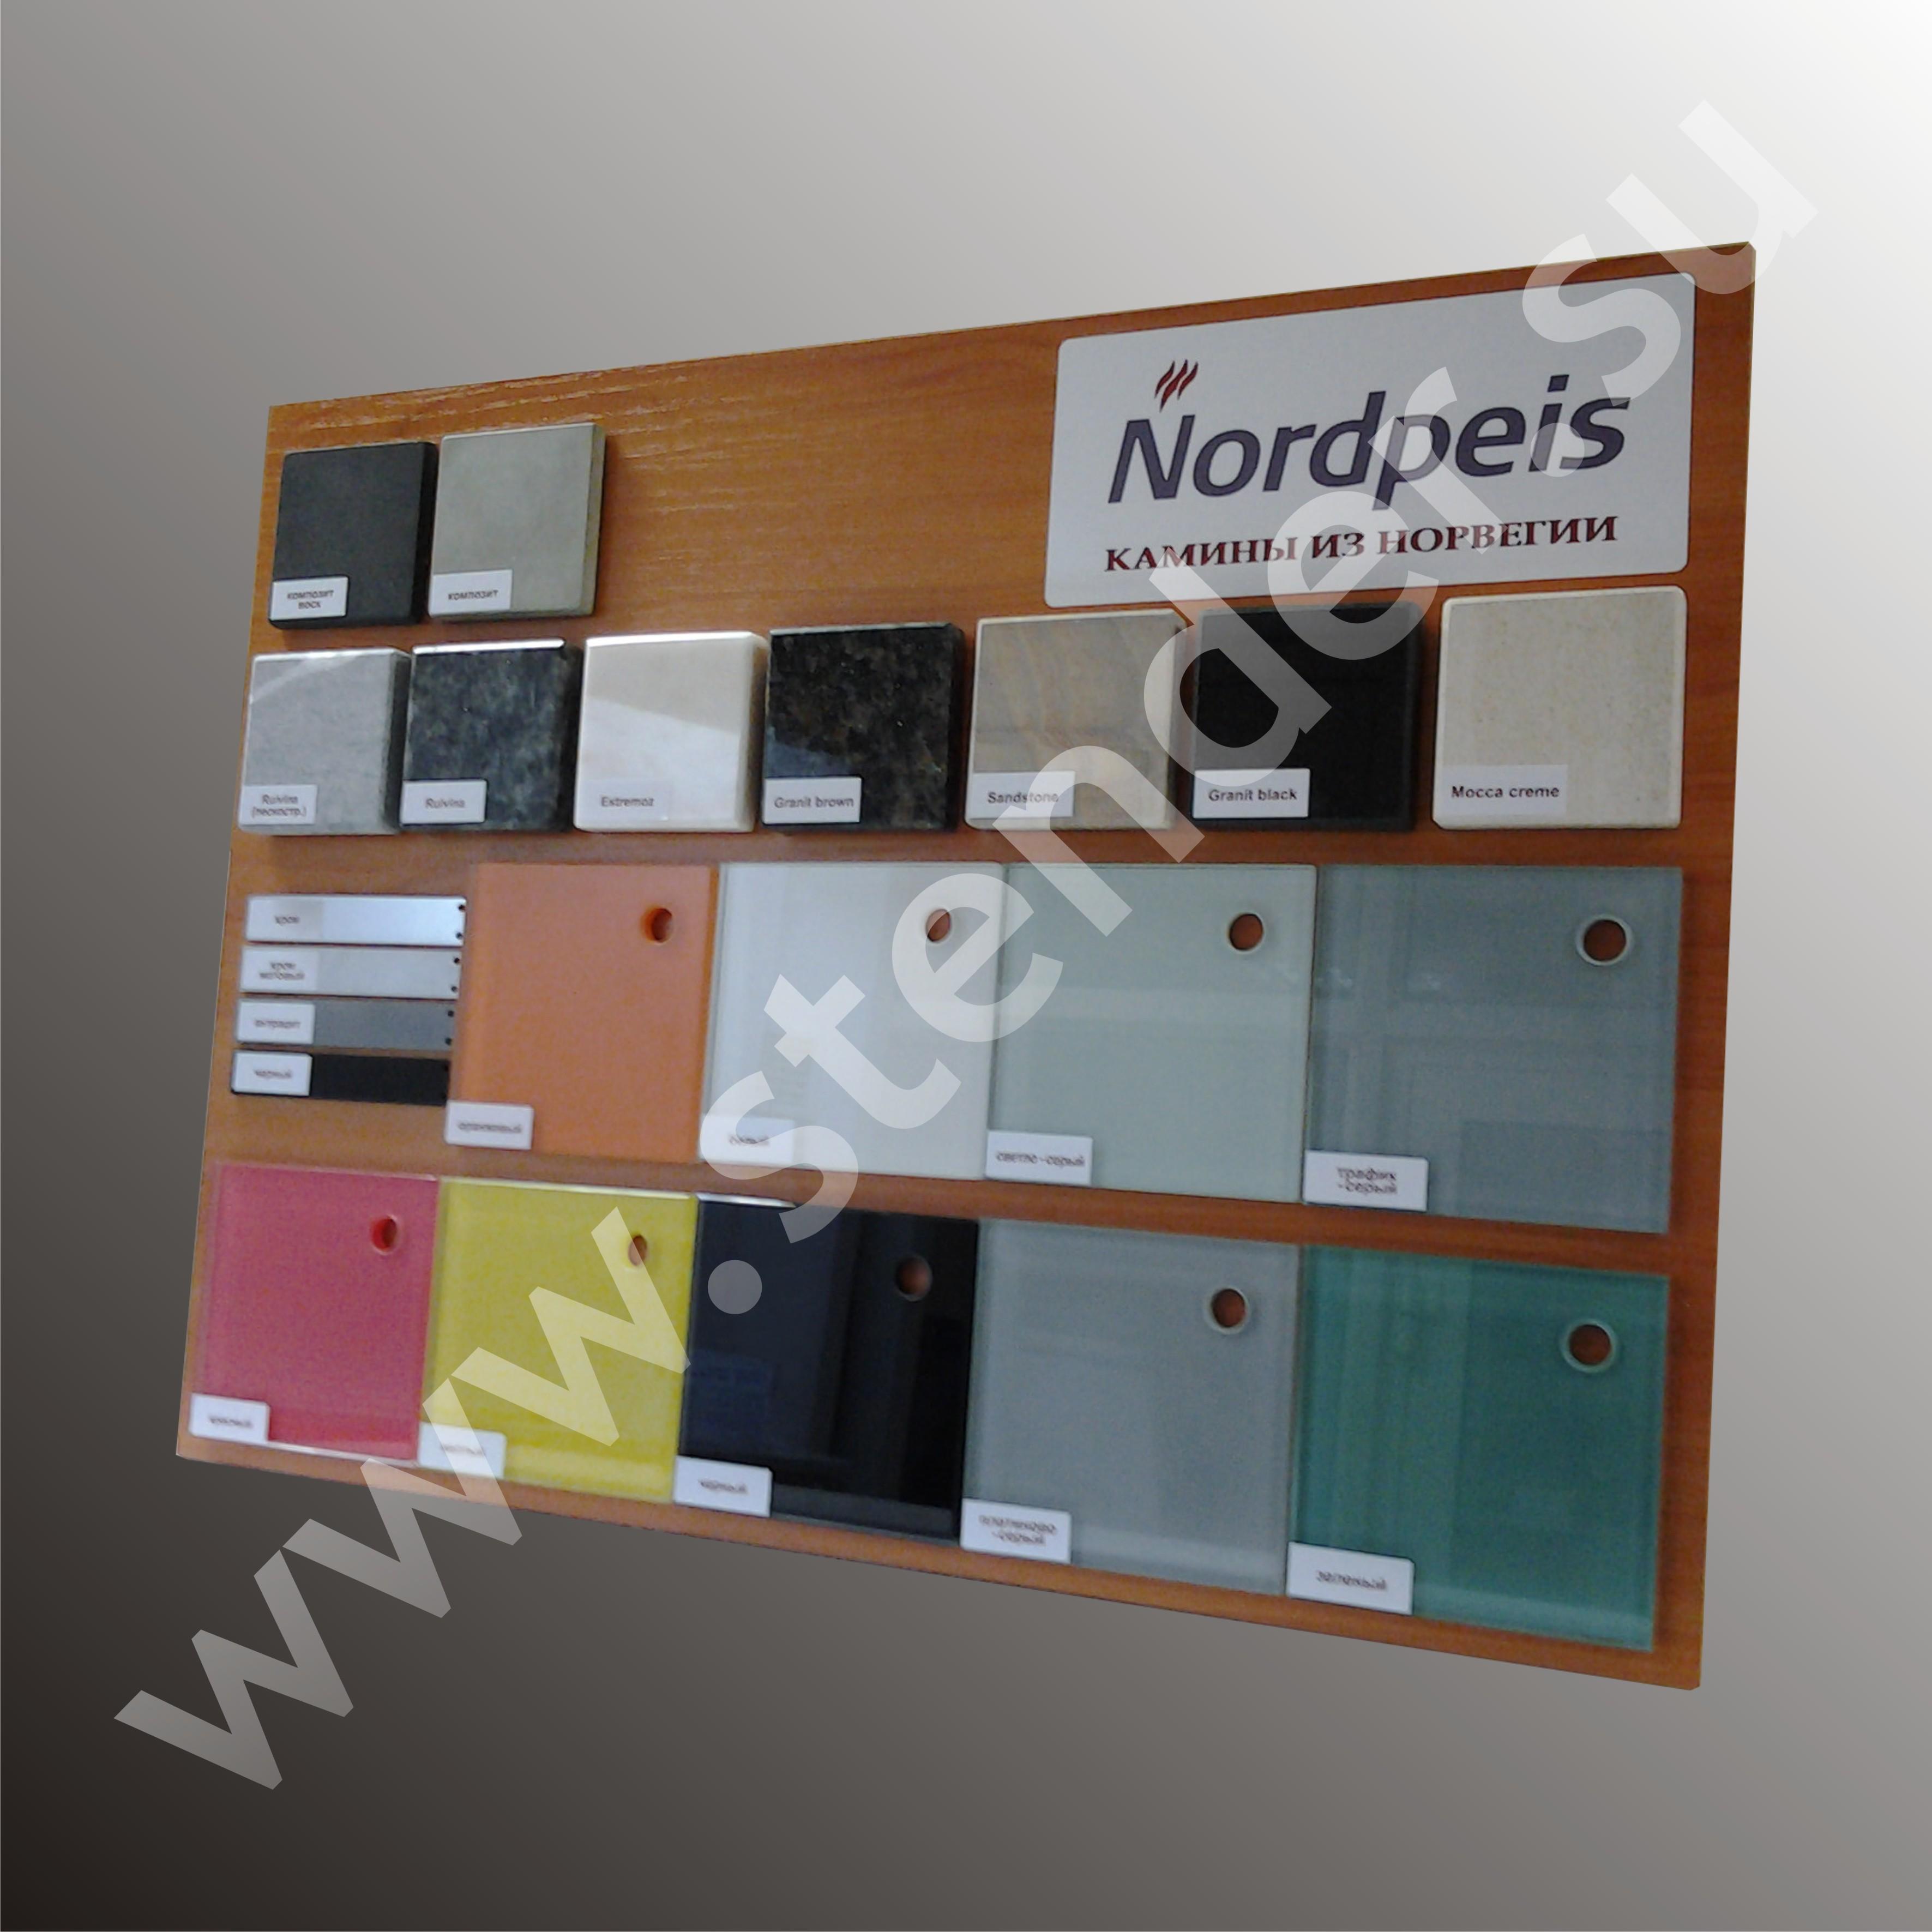 Стенд образцов, облицовочных материалов для печей,каминов, компании nordpeis.